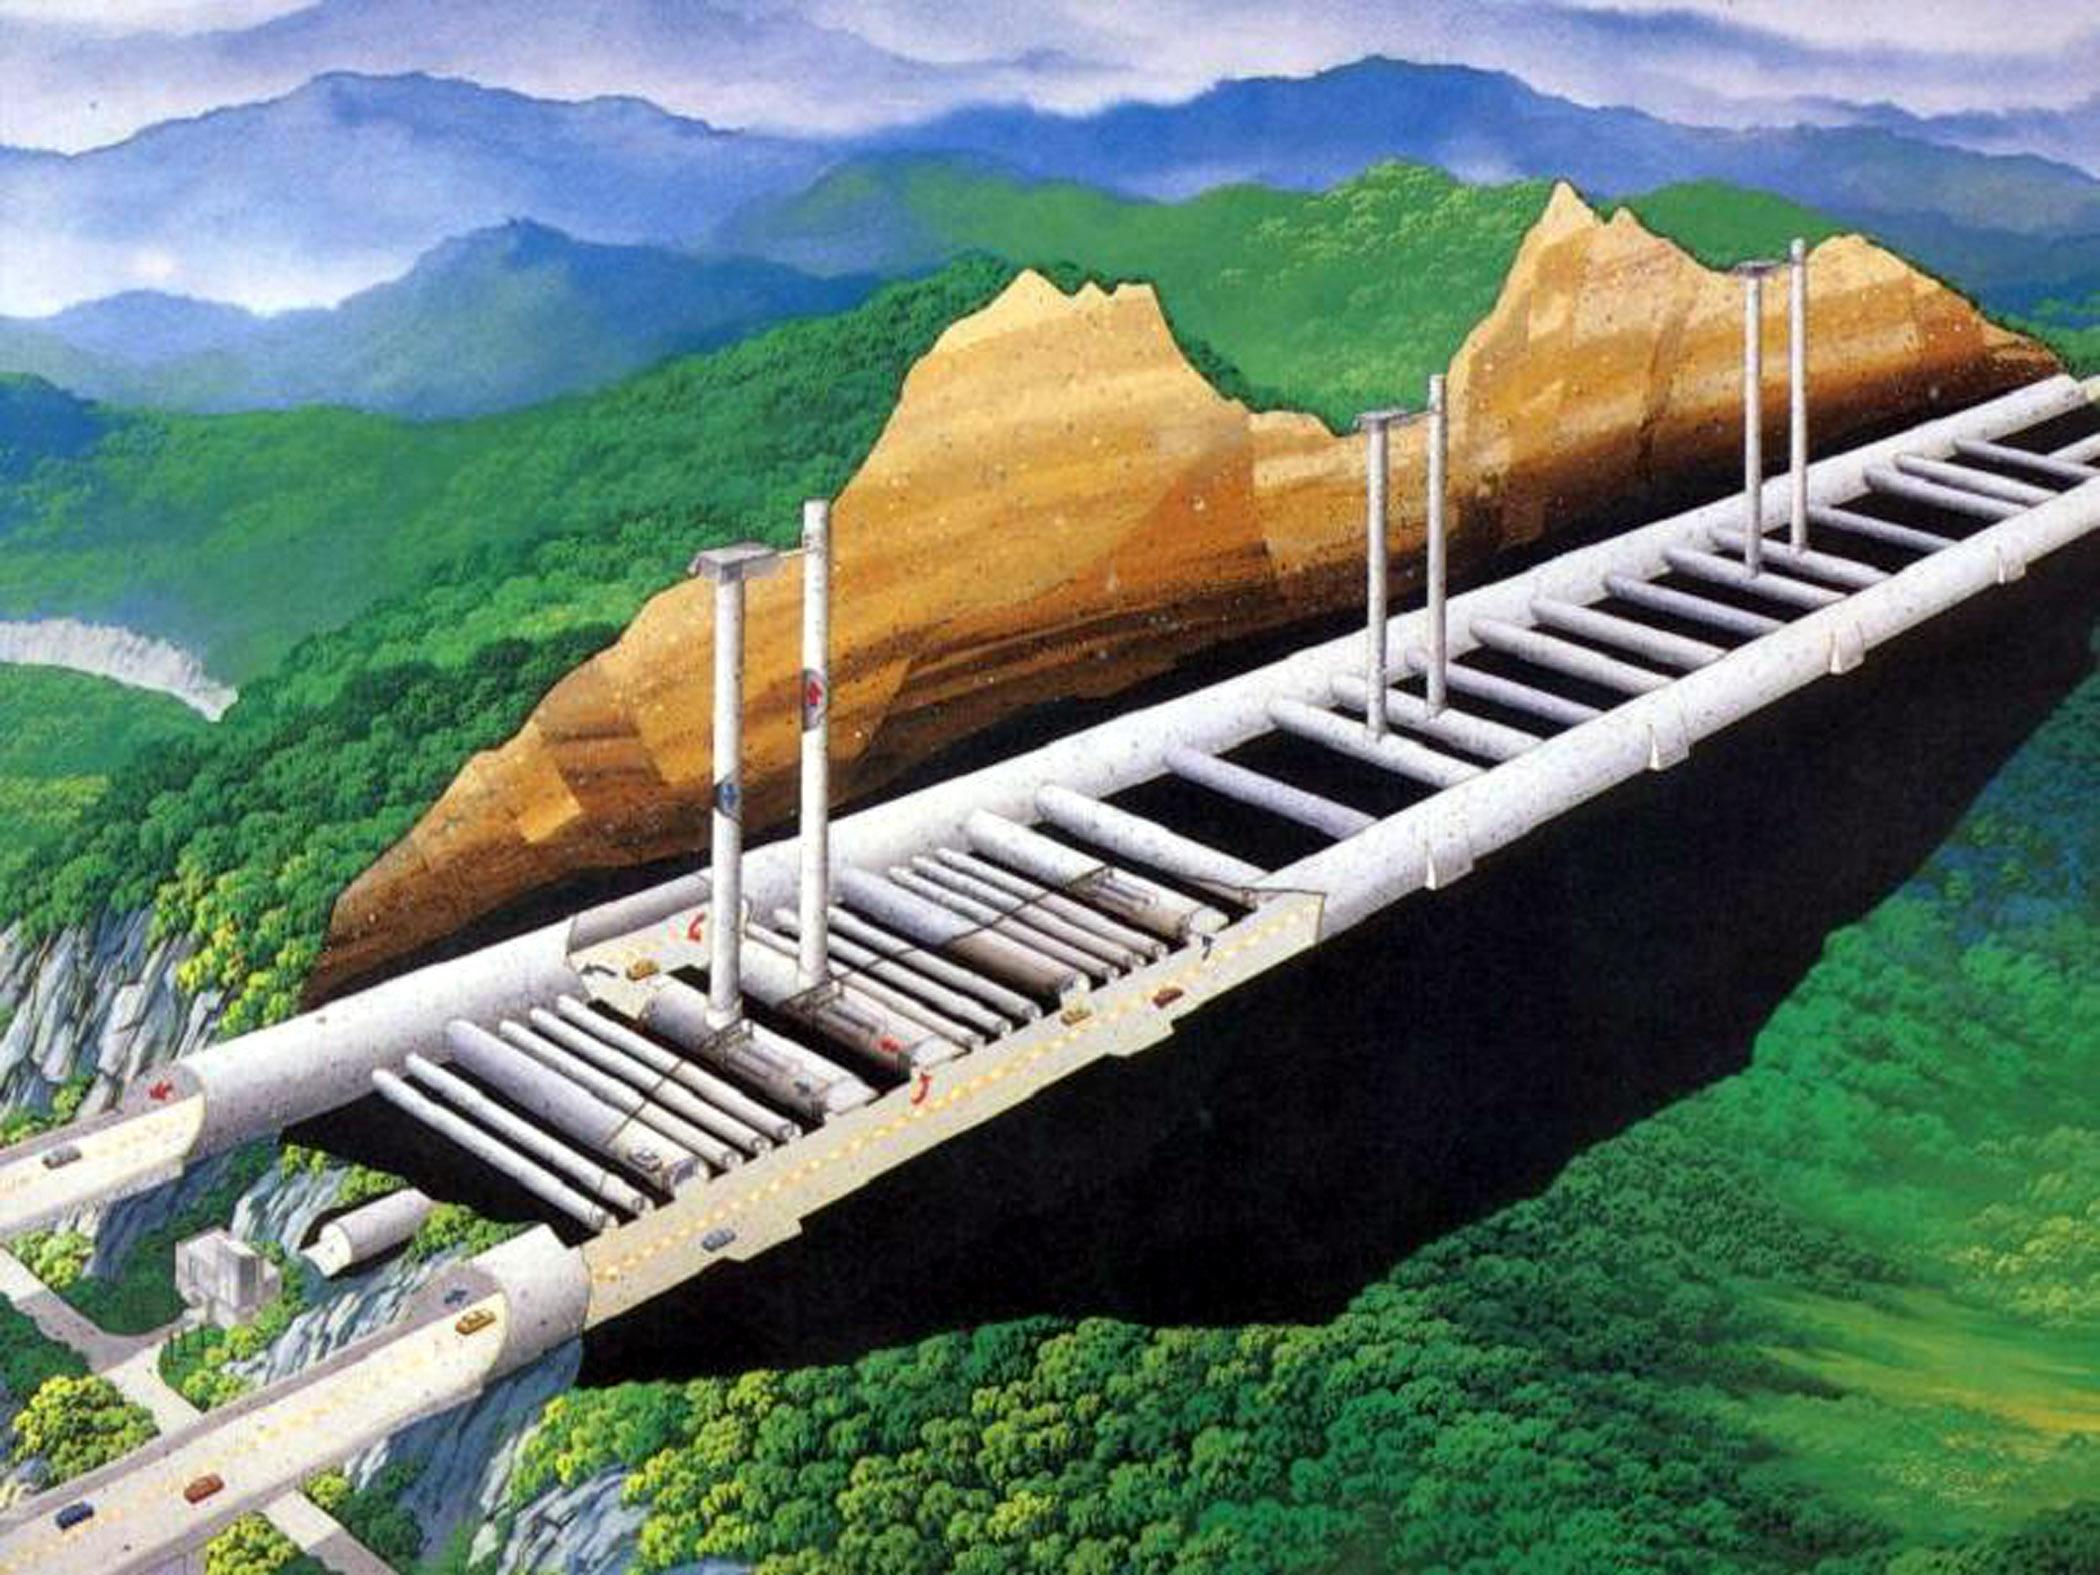 雪山隧道透視圖.jpg